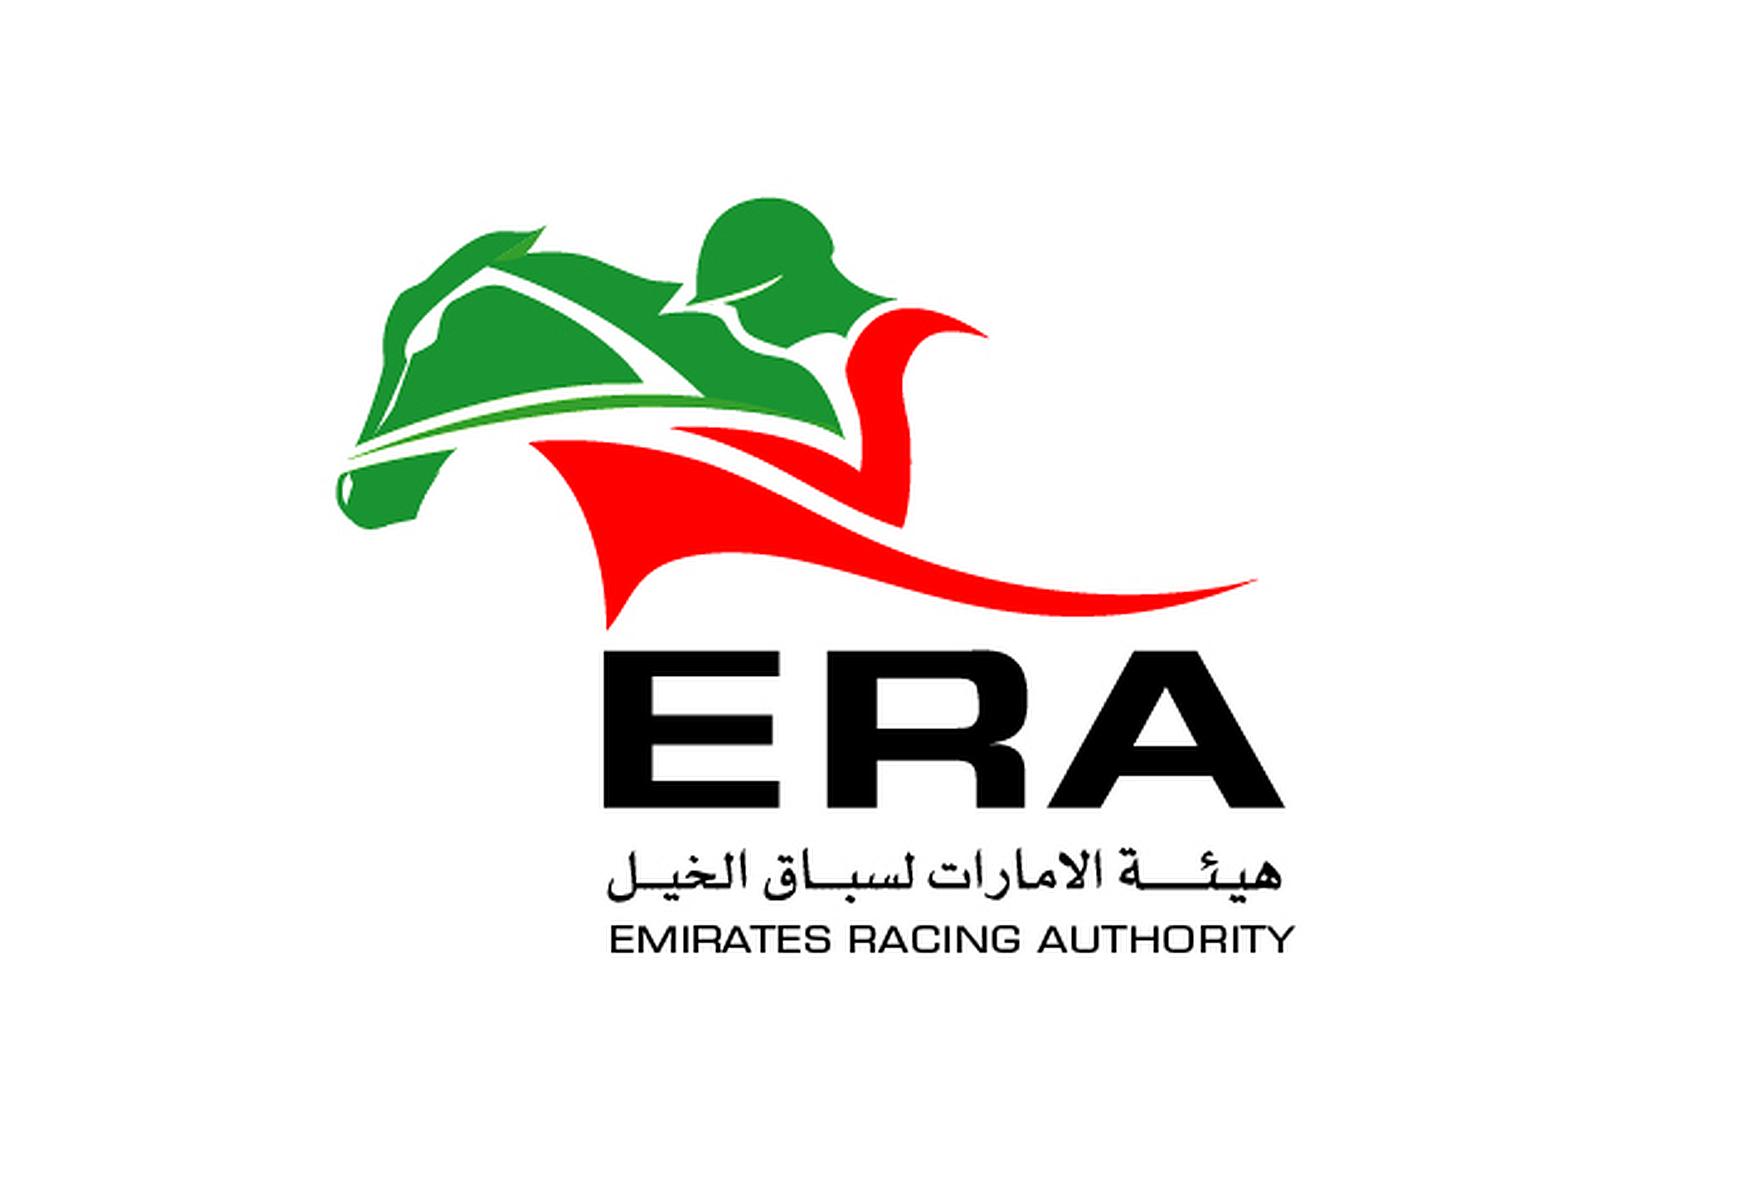 Emirates Racing Association